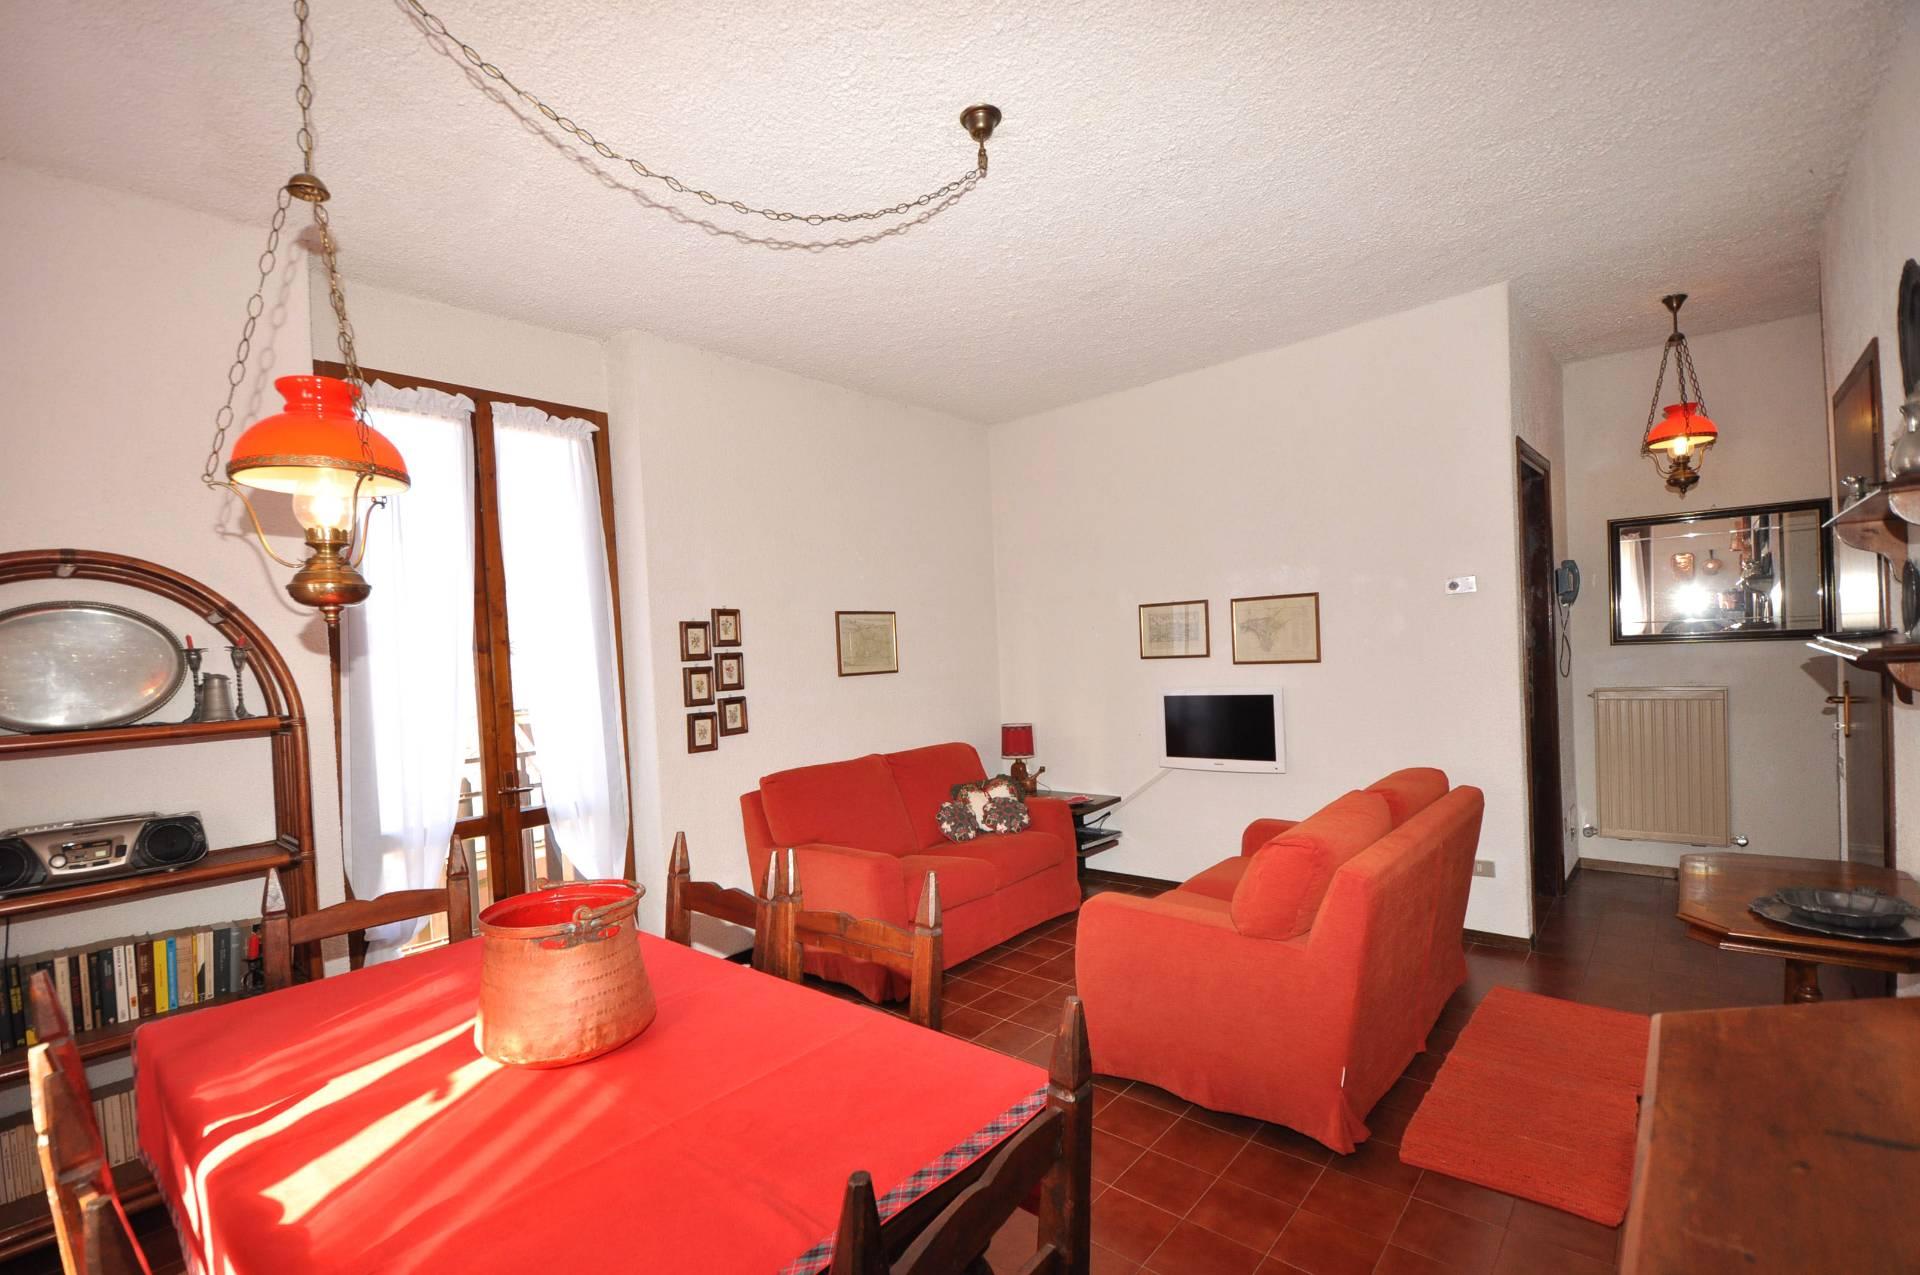 Appartamento in vendita a Piazzatorre, 4 locali, prezzo € 43.000 | CambioCasa.it